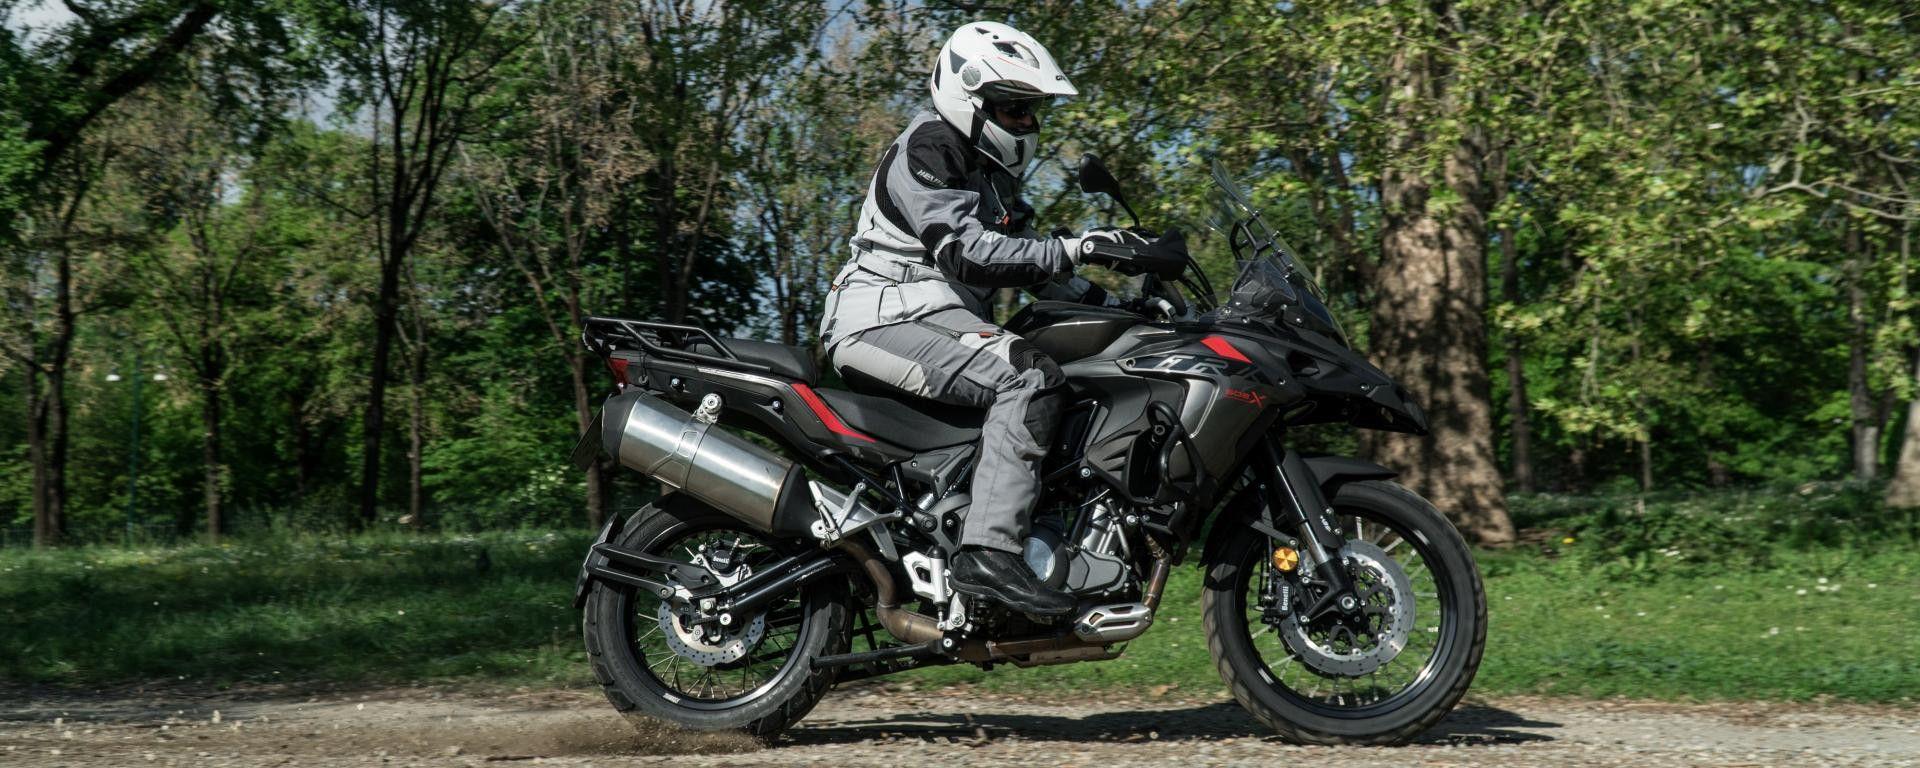 Mercato moto: ad aprile +14%. TRK 502 meglio di Africa Twin